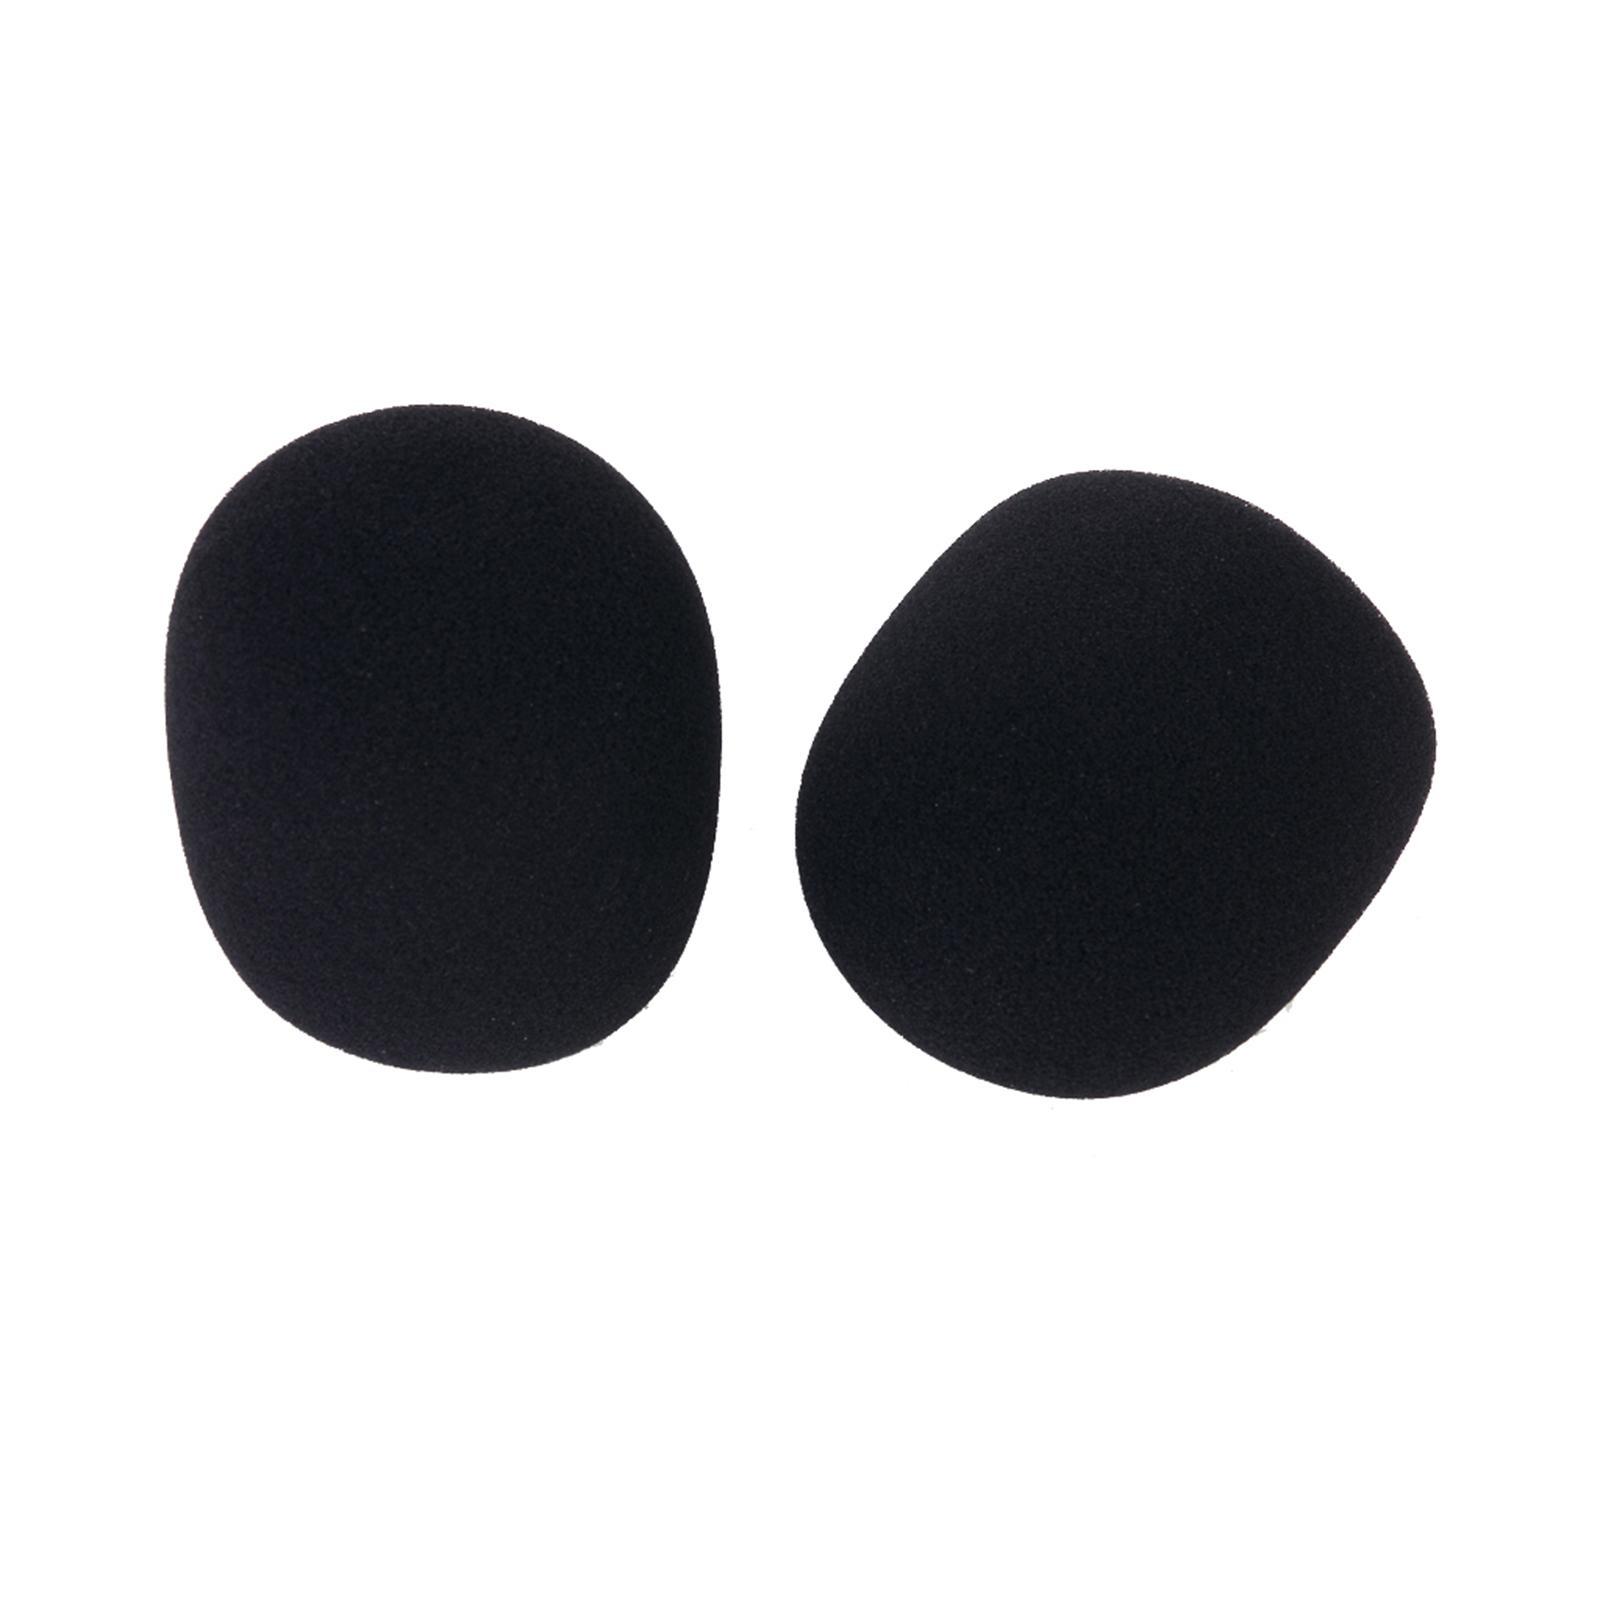 2 Pcs Studio Microphone Foam Mic Shield Cover Black